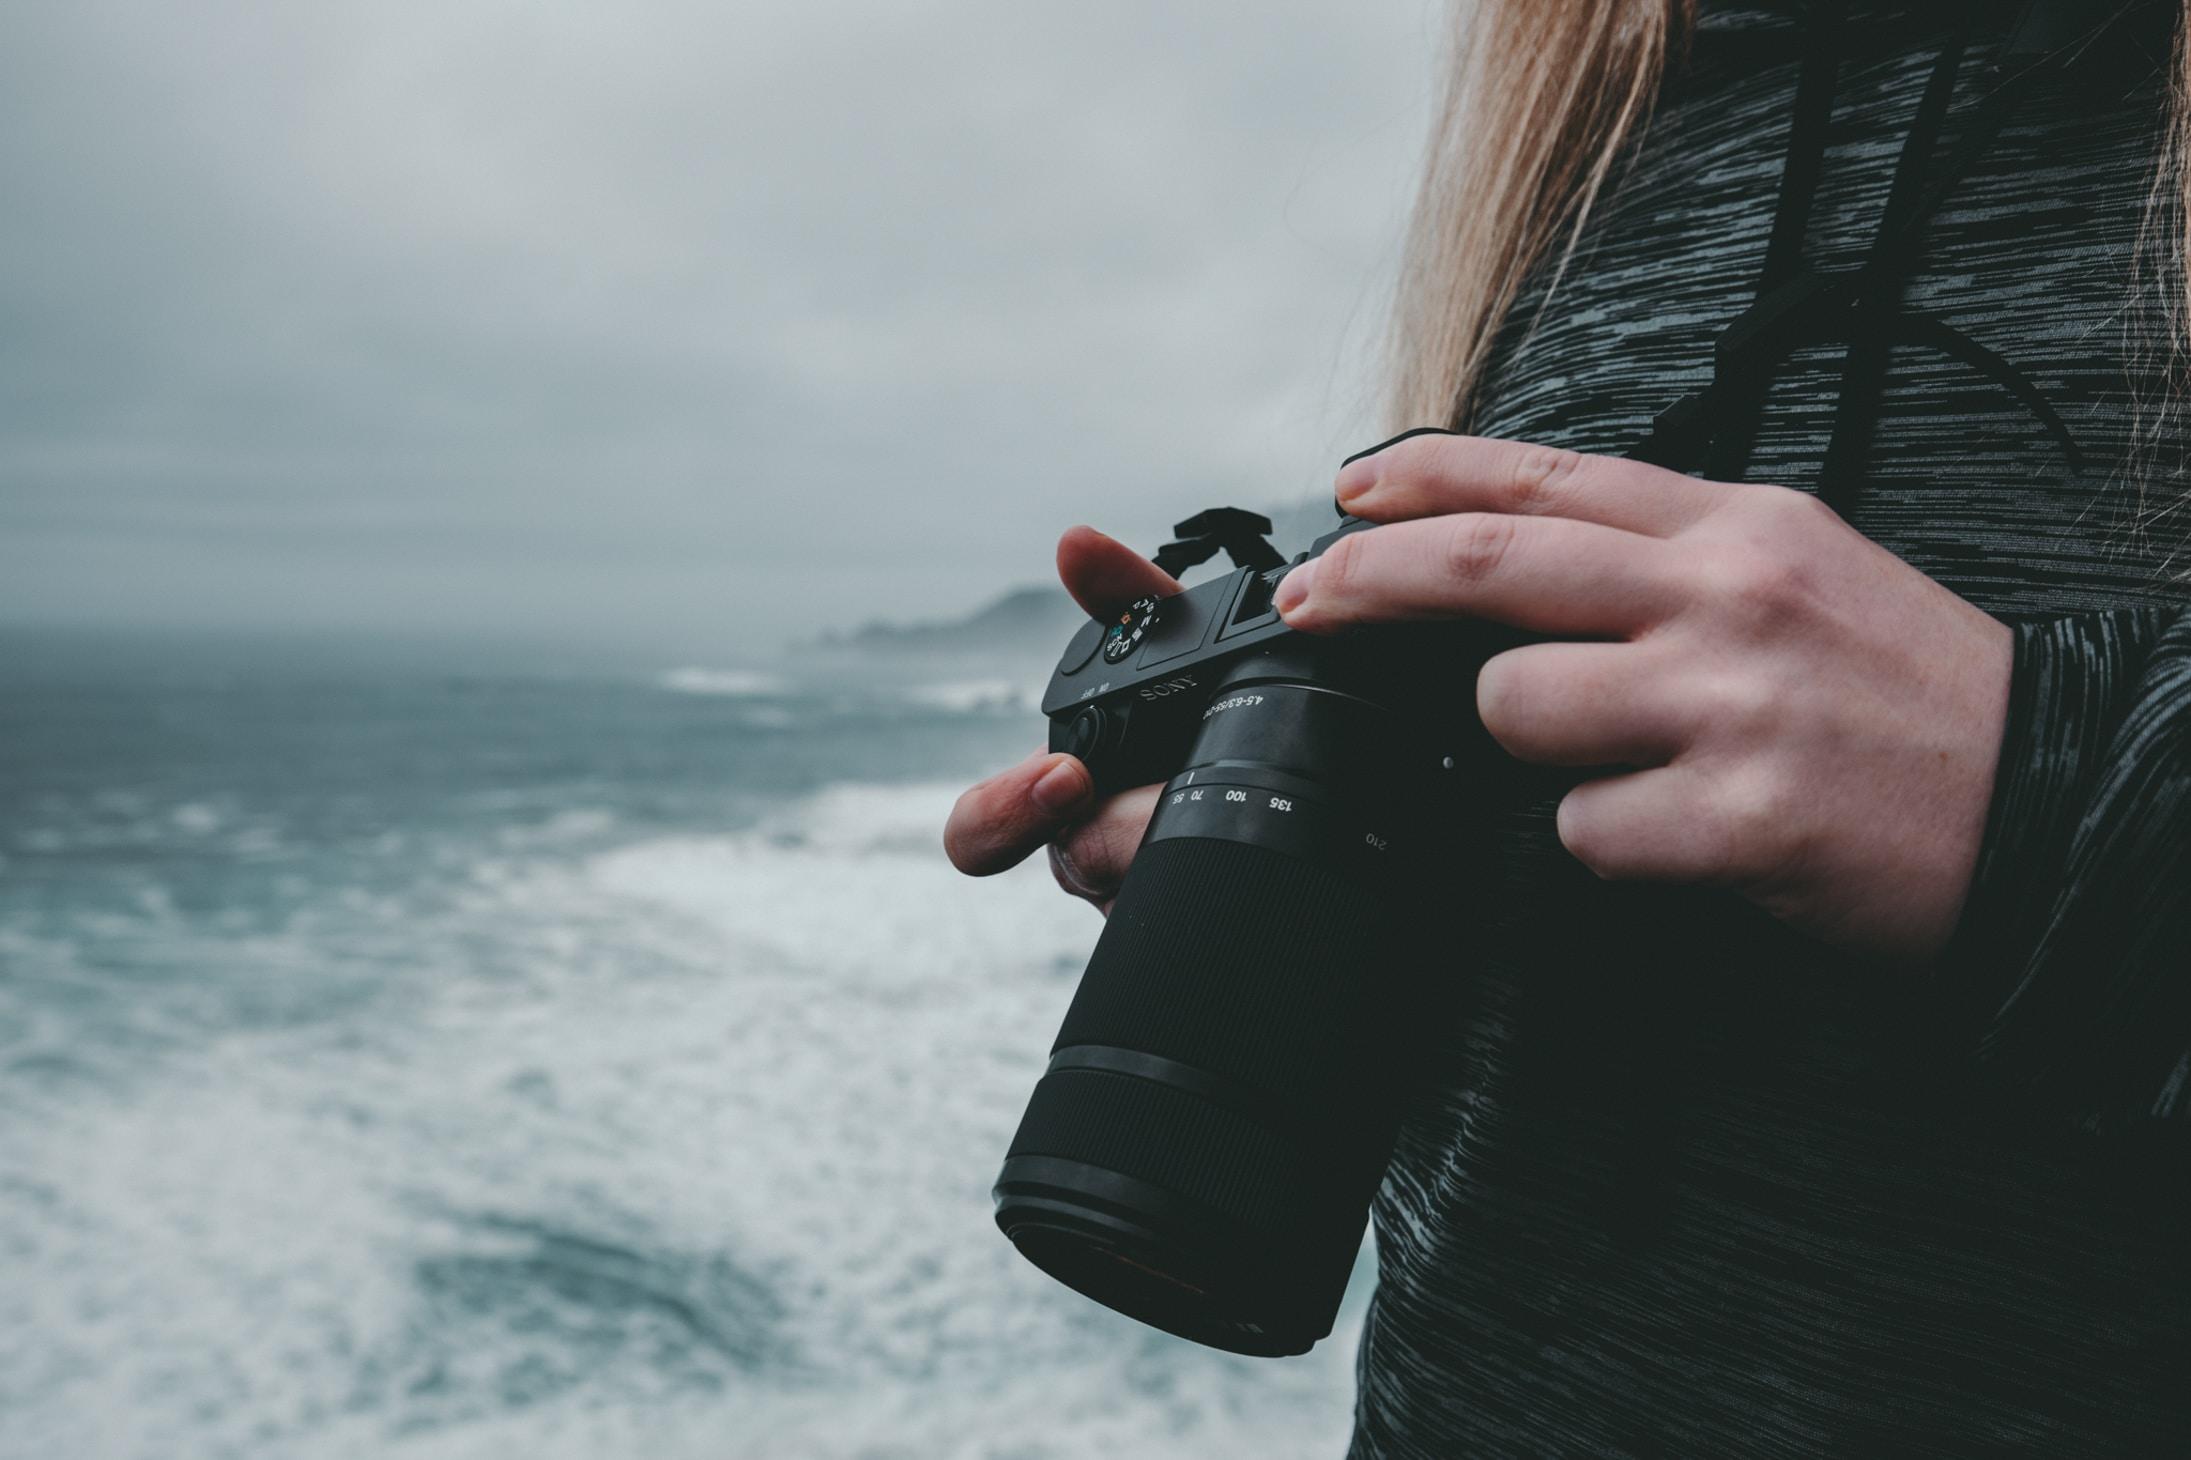 sony-photography-awards-photo-retouching-example